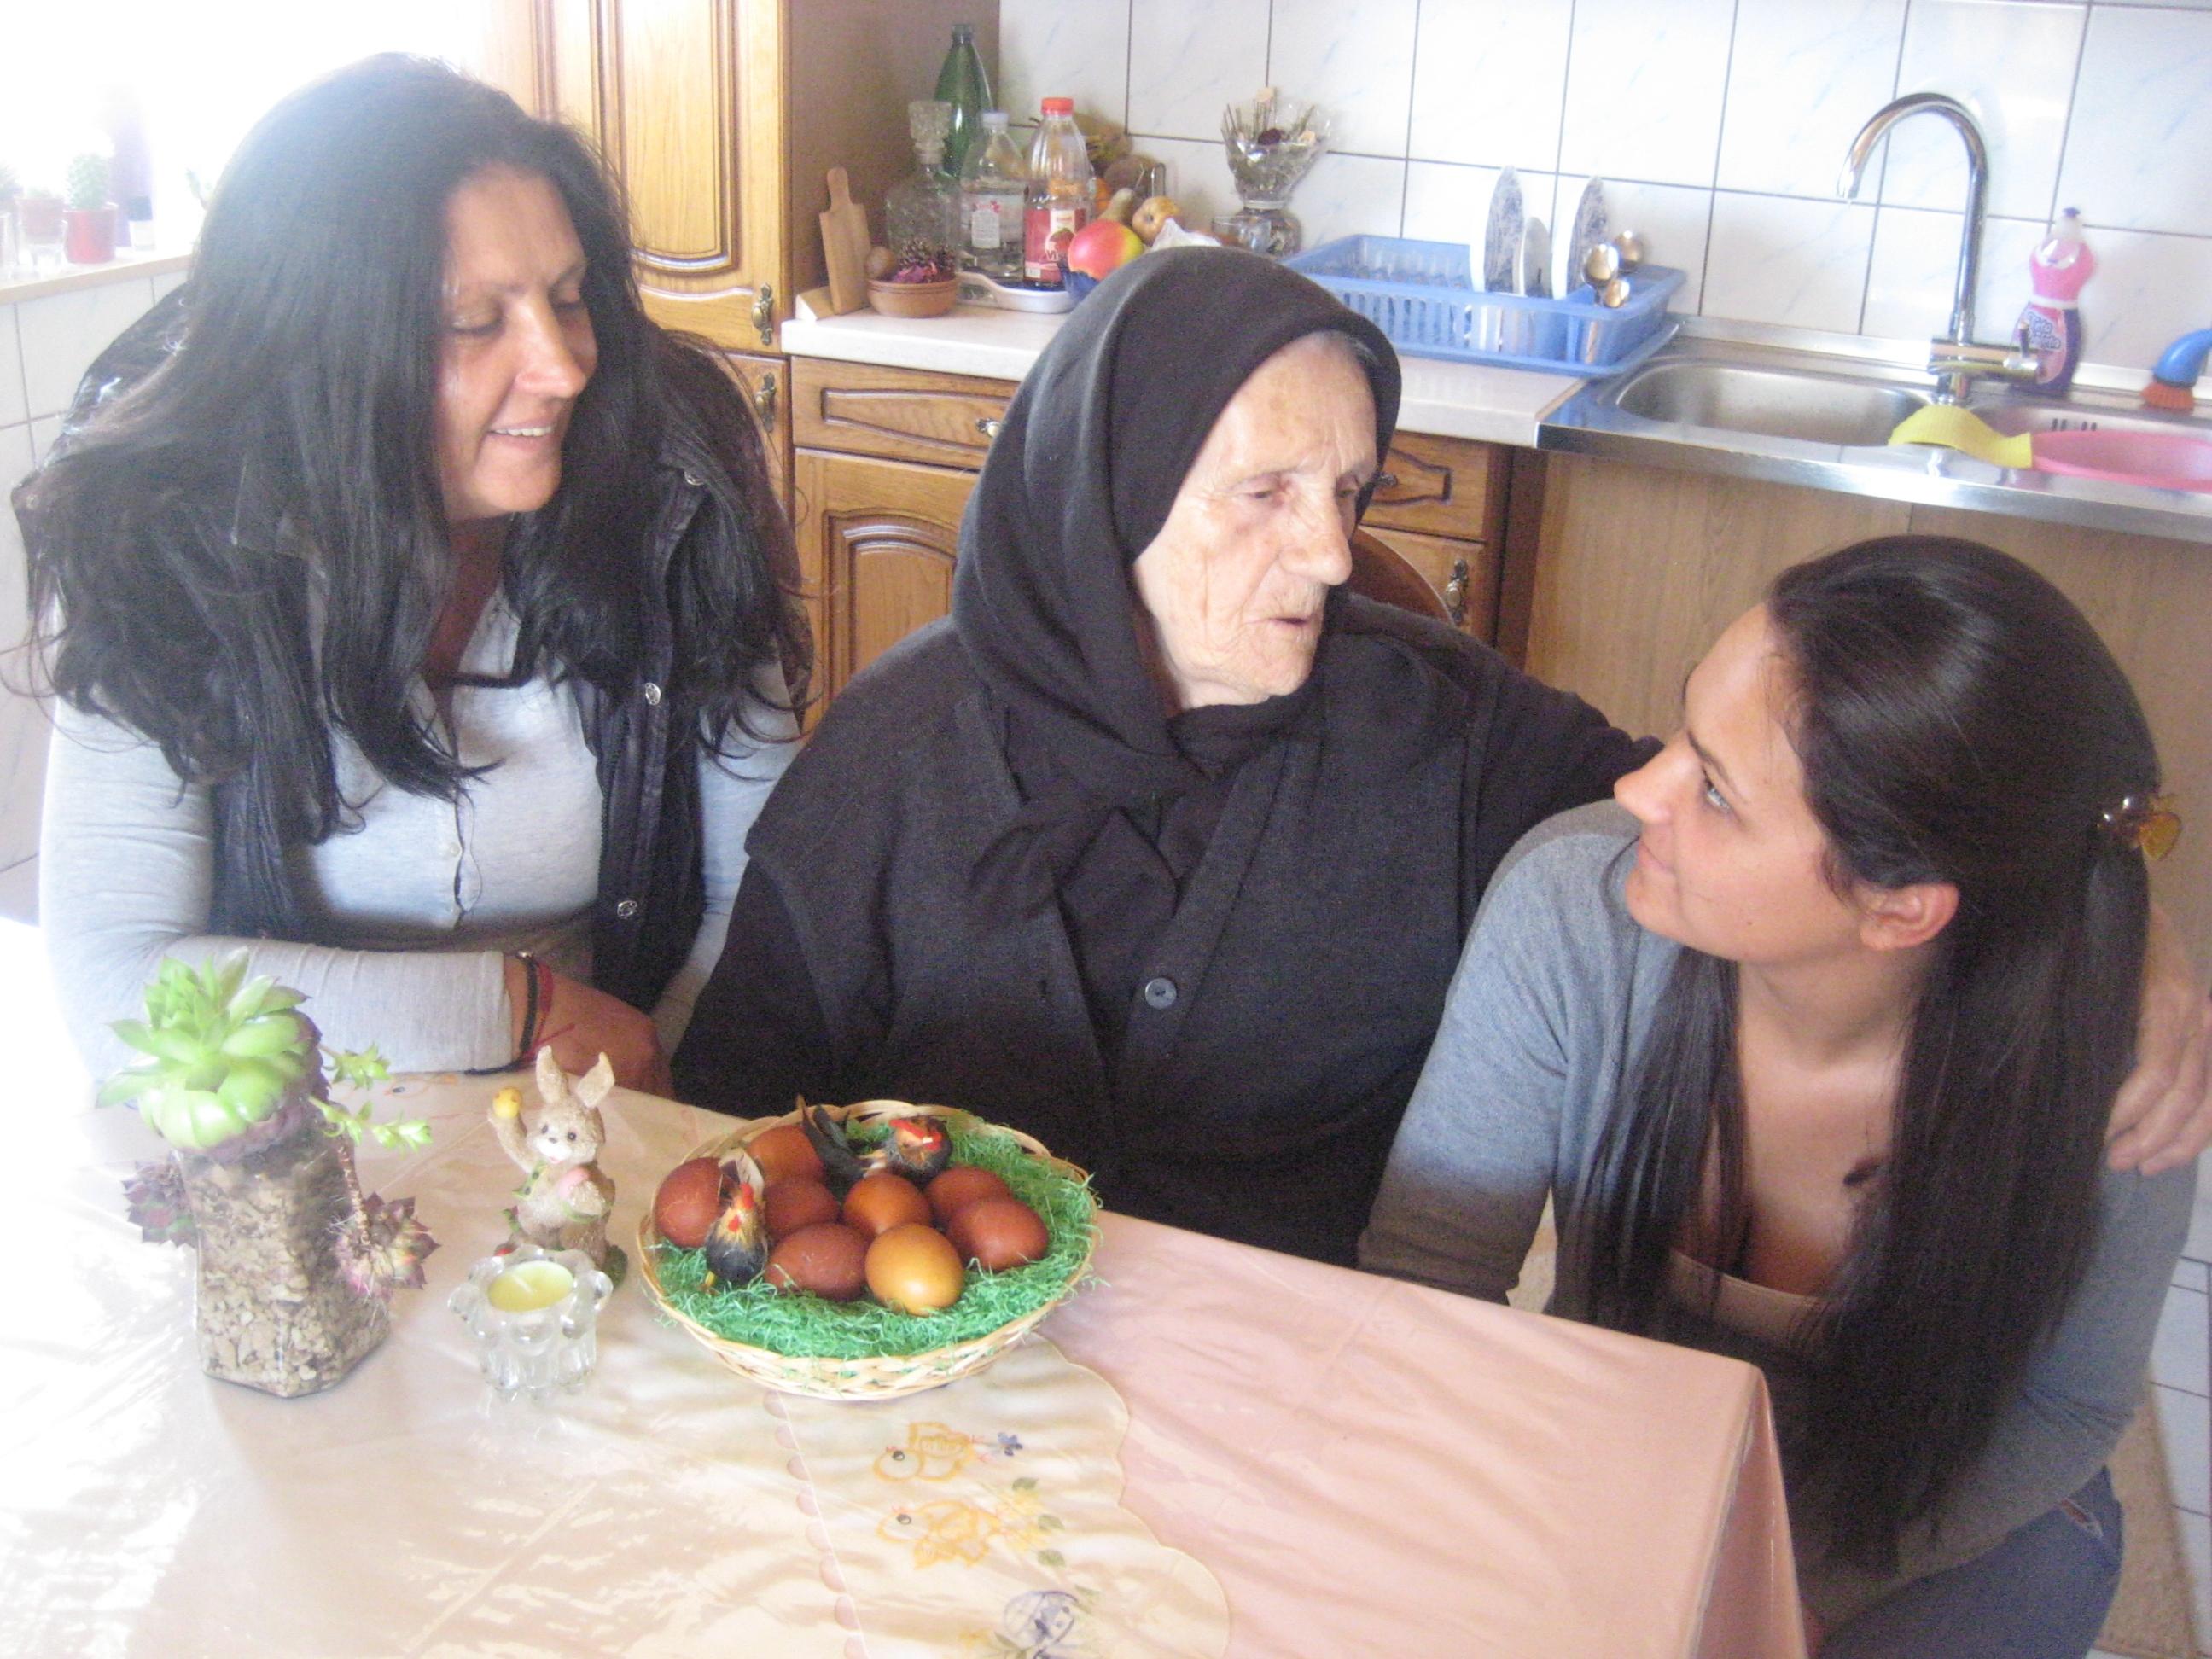 ZAVELIM: Kćerka Zora napustila Beč radi čuvanja majke Anđe u 93. godini